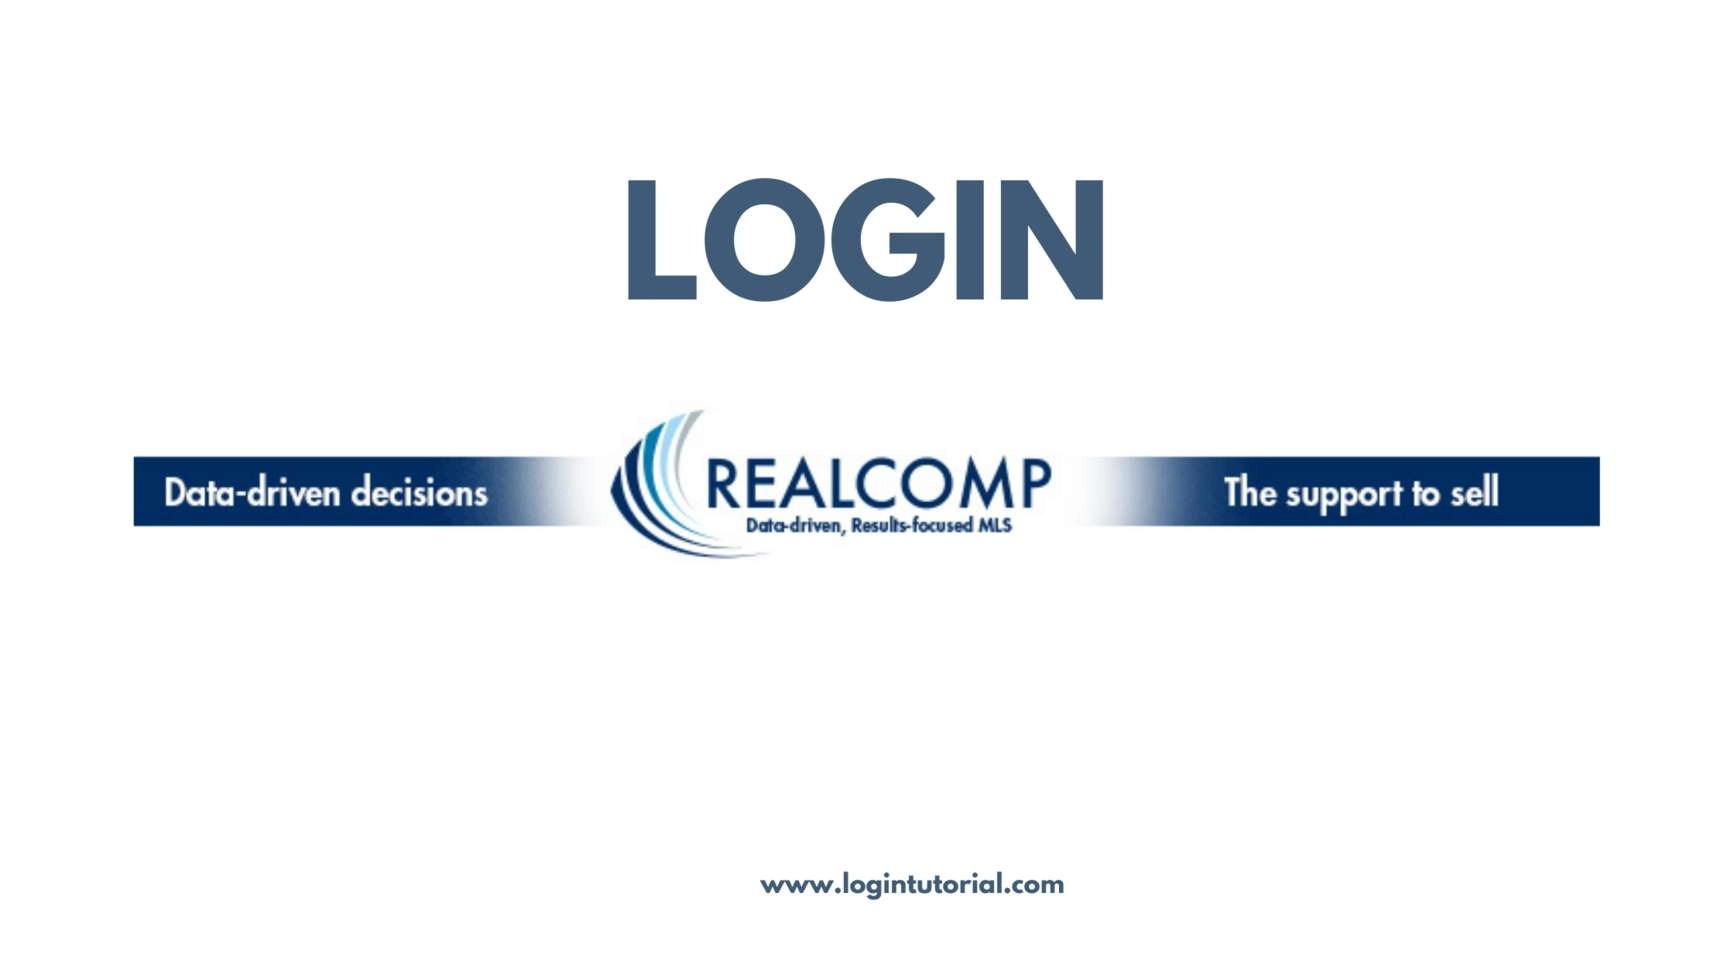 Realcomp Online Login